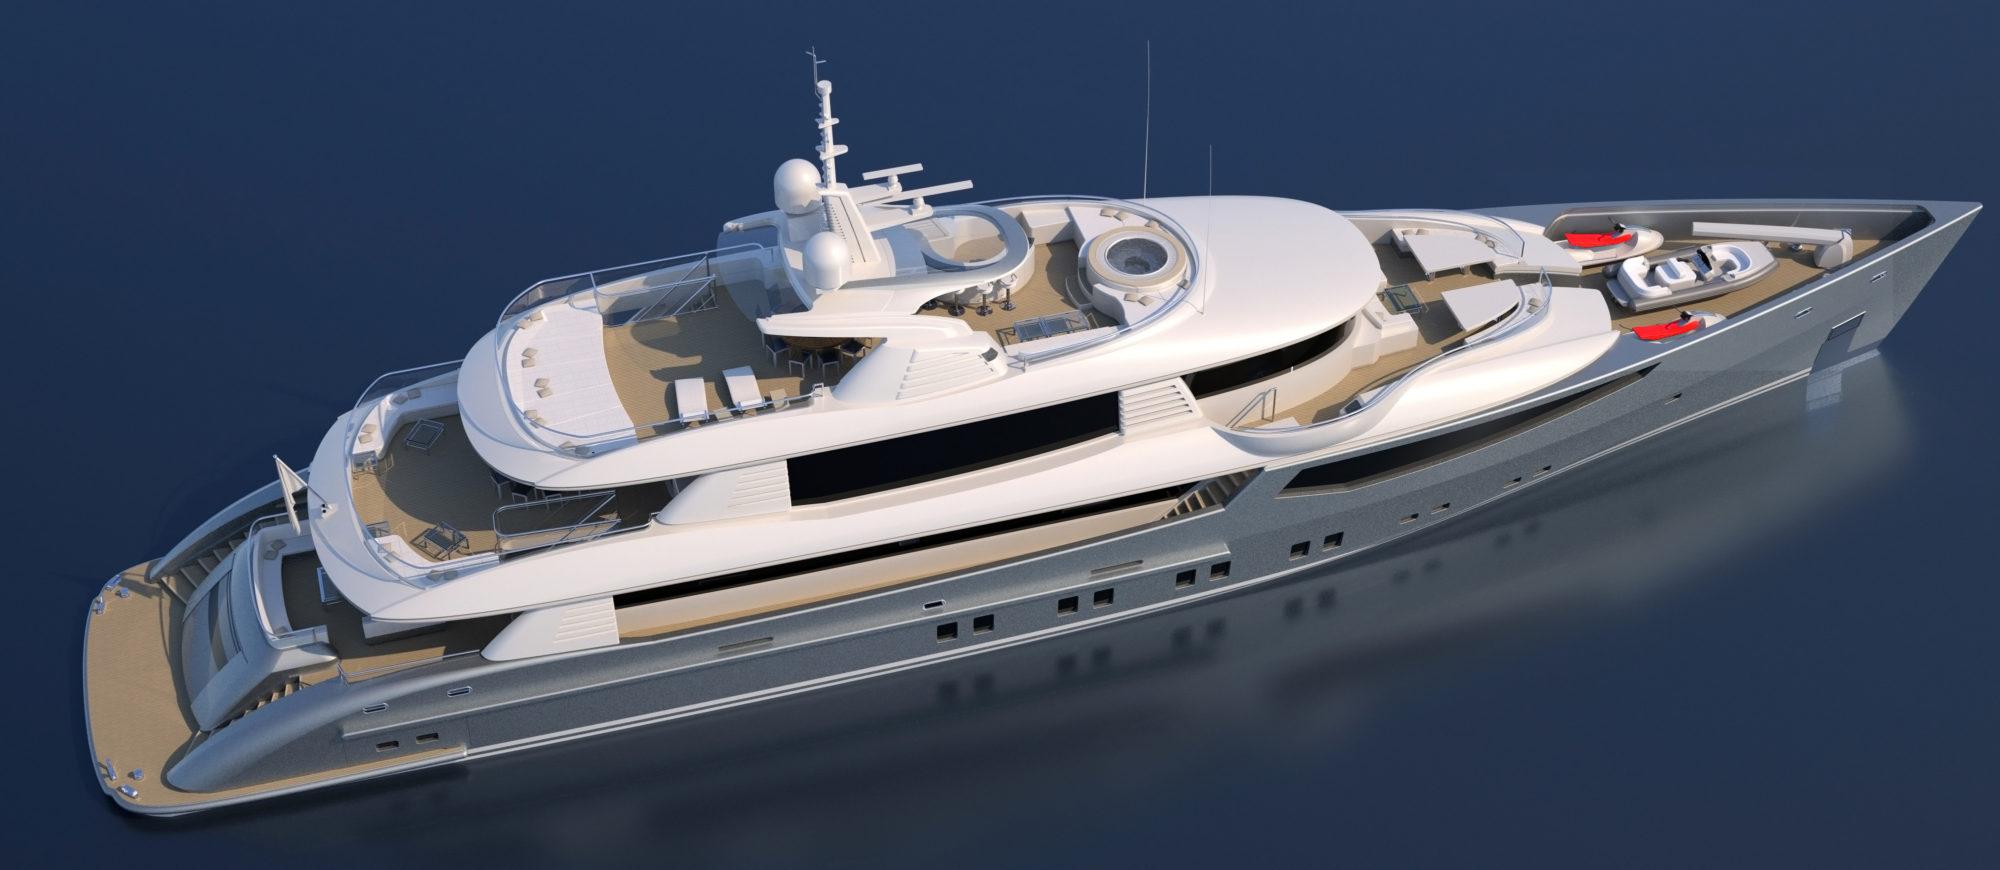 Conrad C166 Superyacht Concept Vallicelli Visualisation Exterior4